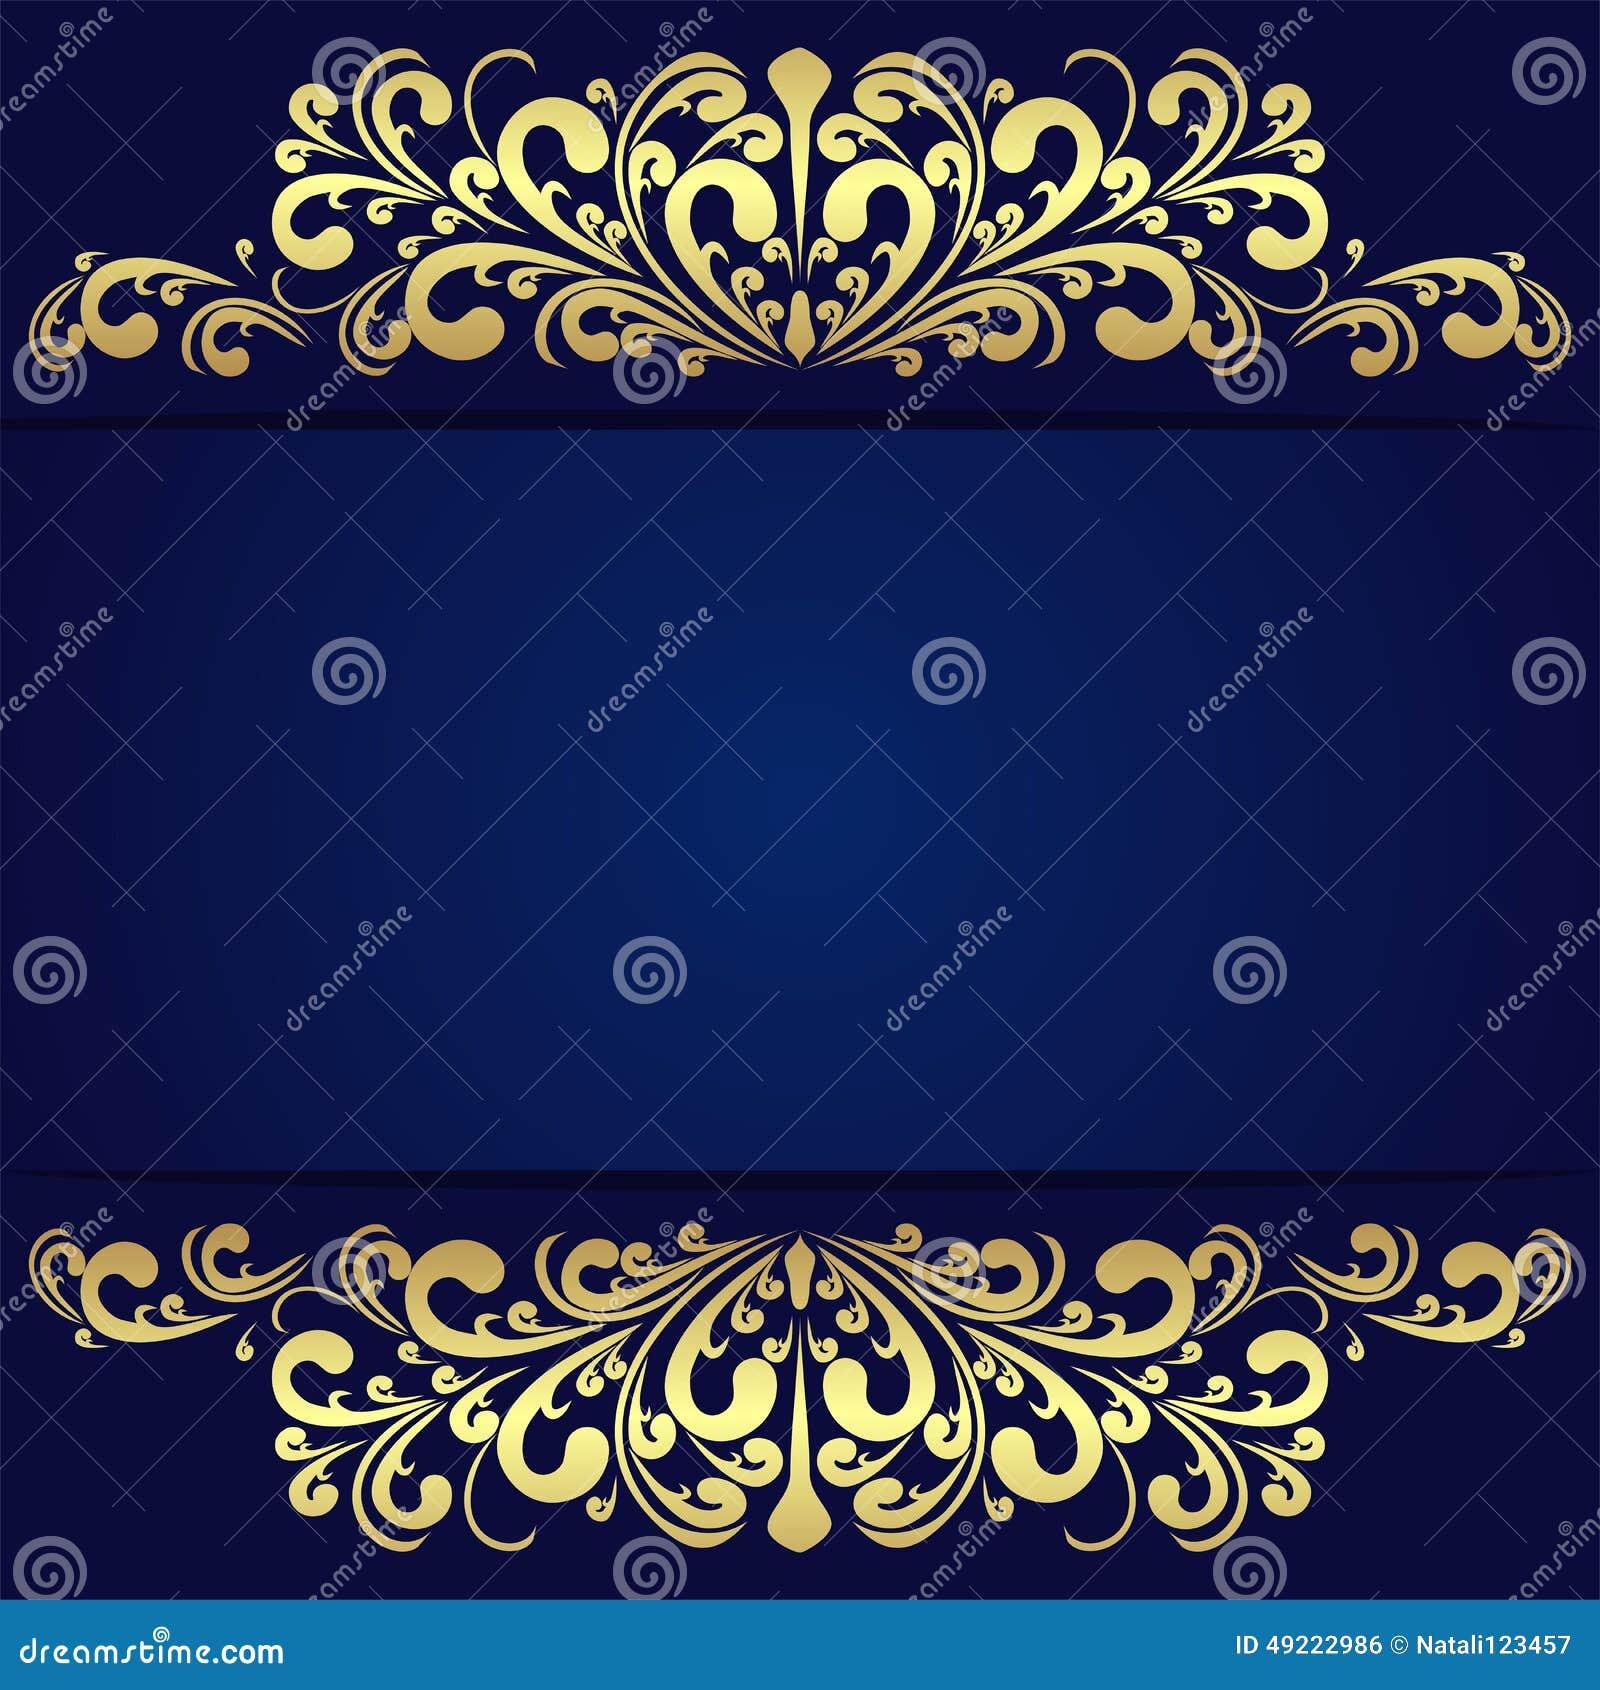 Elegant Blue Background With Floral Golden Borders